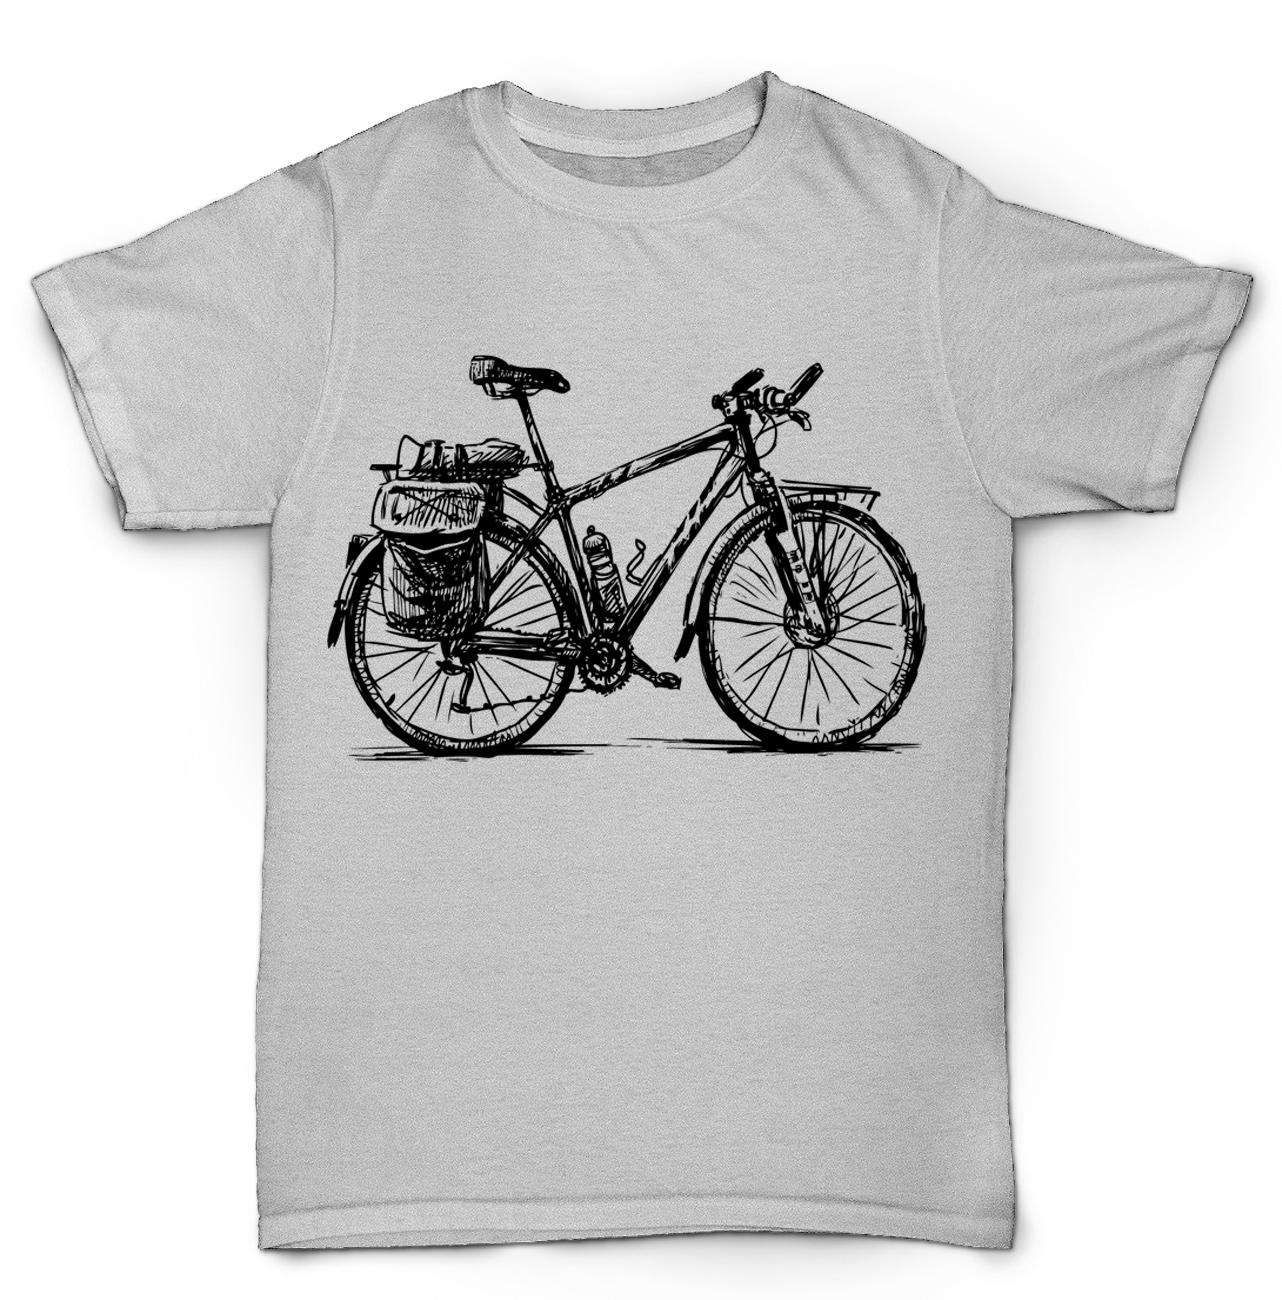 Camiseta Camiseta BicicletaElo7 BicicletaElo7 Camiseta Camiseta BicicletaElo7 BicicletaElo7 Camiseta eCrdxBo